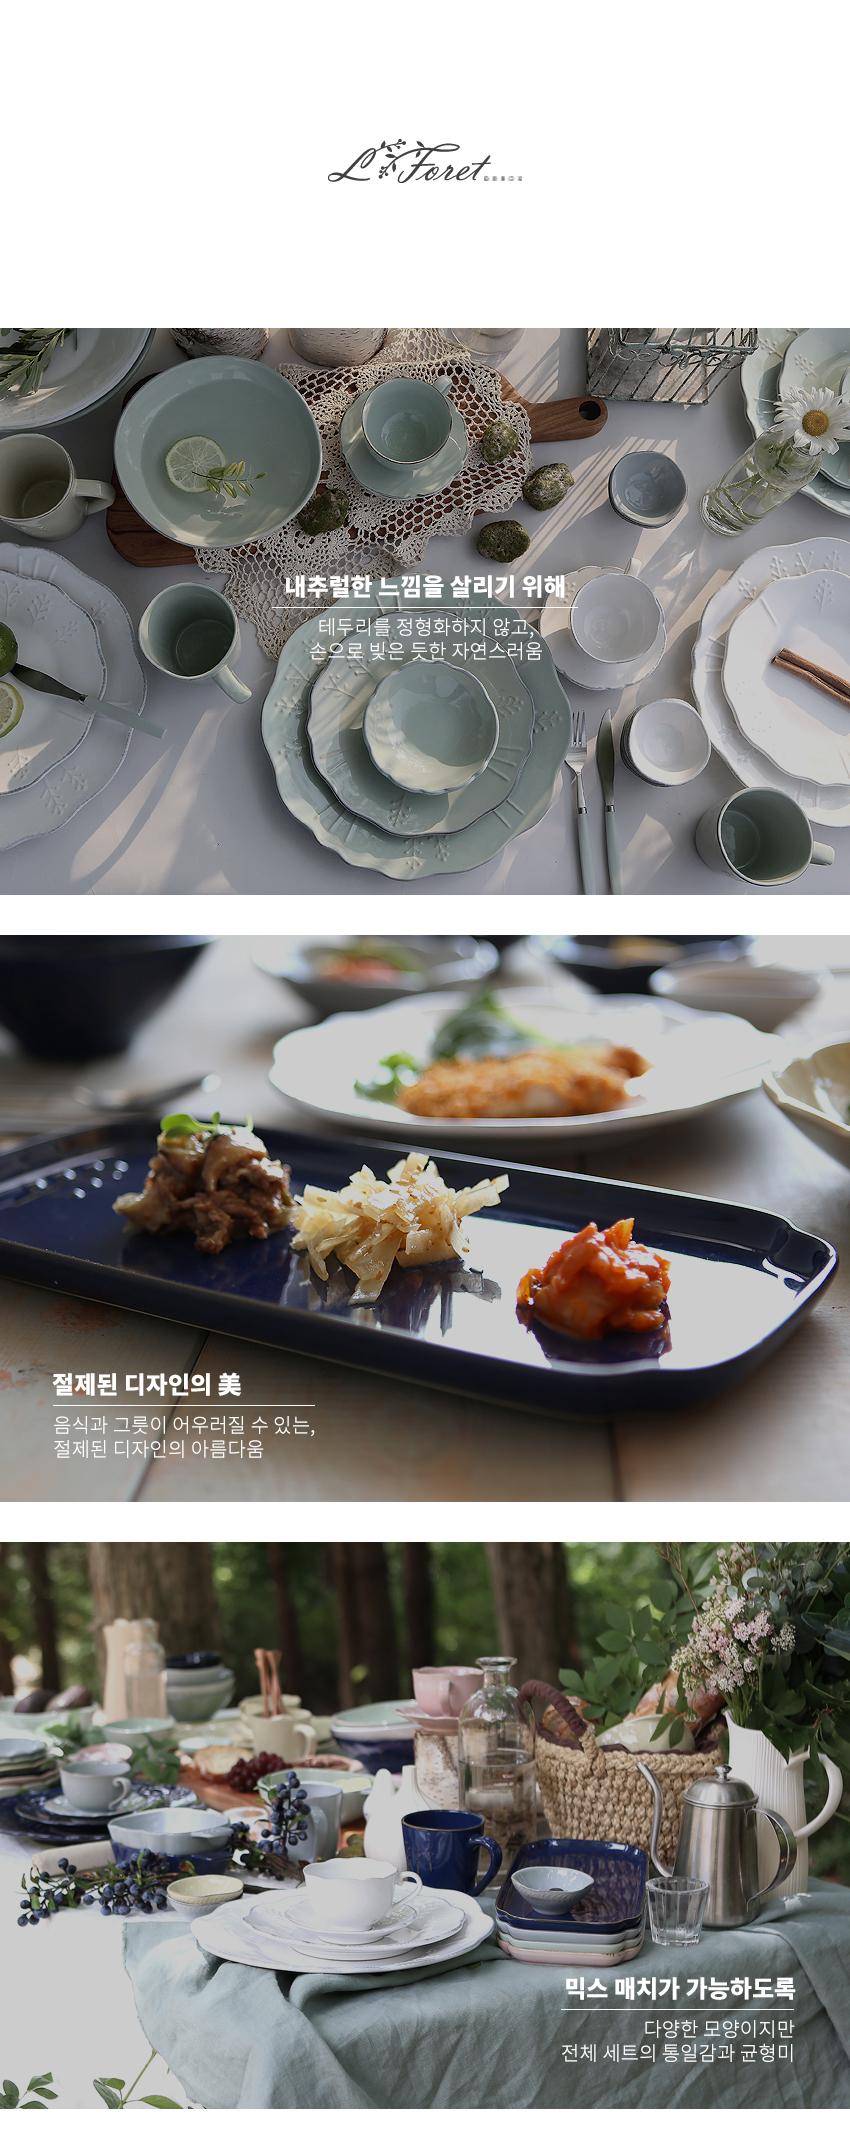 엘포레 수저받침 5p 세트 - 어퍼테이블, 12,000원, 숟가락/젓가락/스틱, 숟가락/젓가락 세트